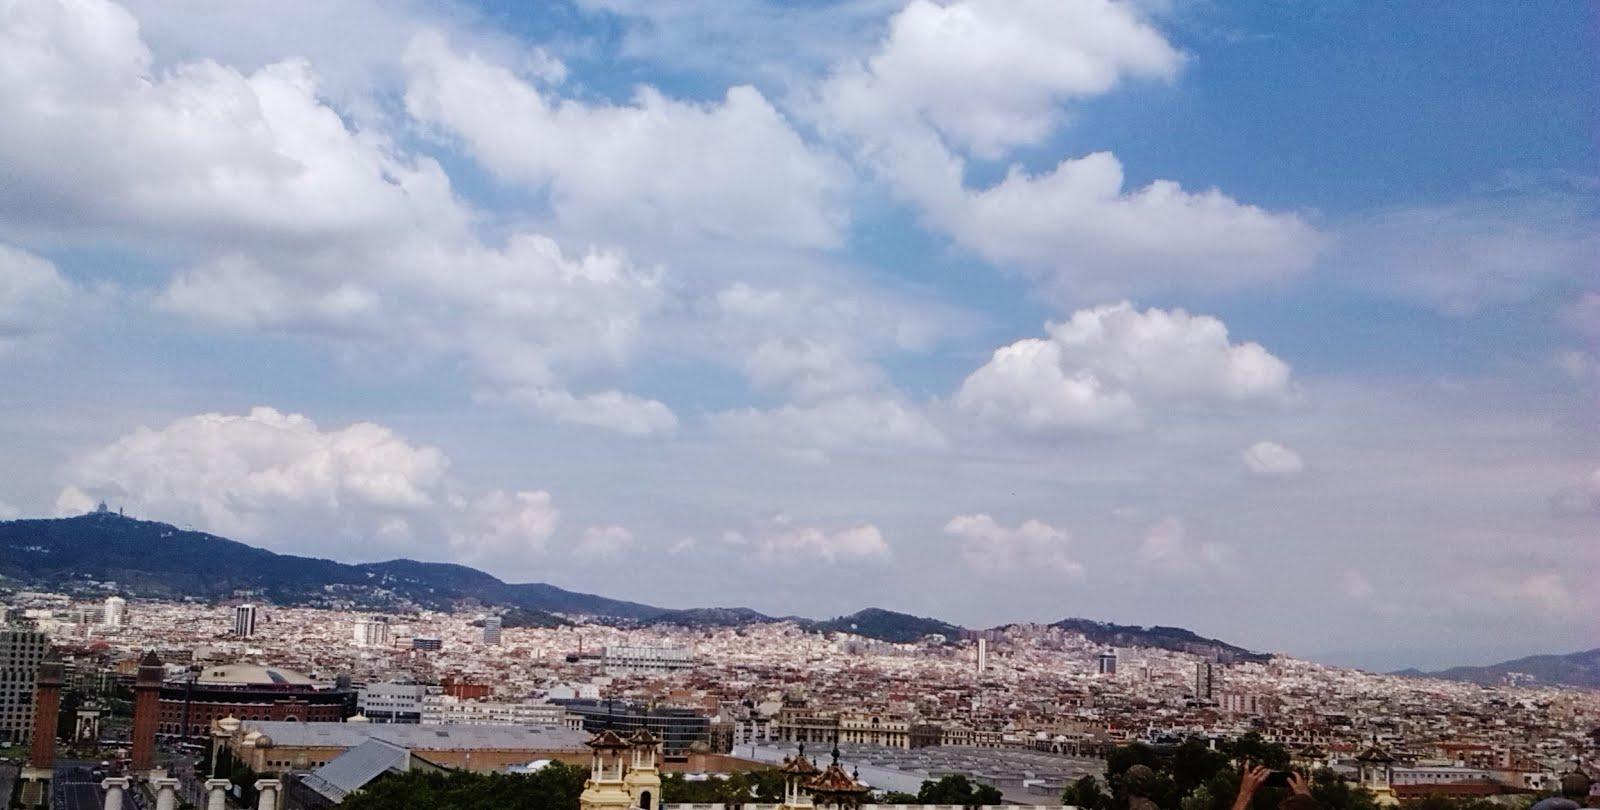 The Museu Nacional d'Art de Catalunya offers you a fantastic view over the city